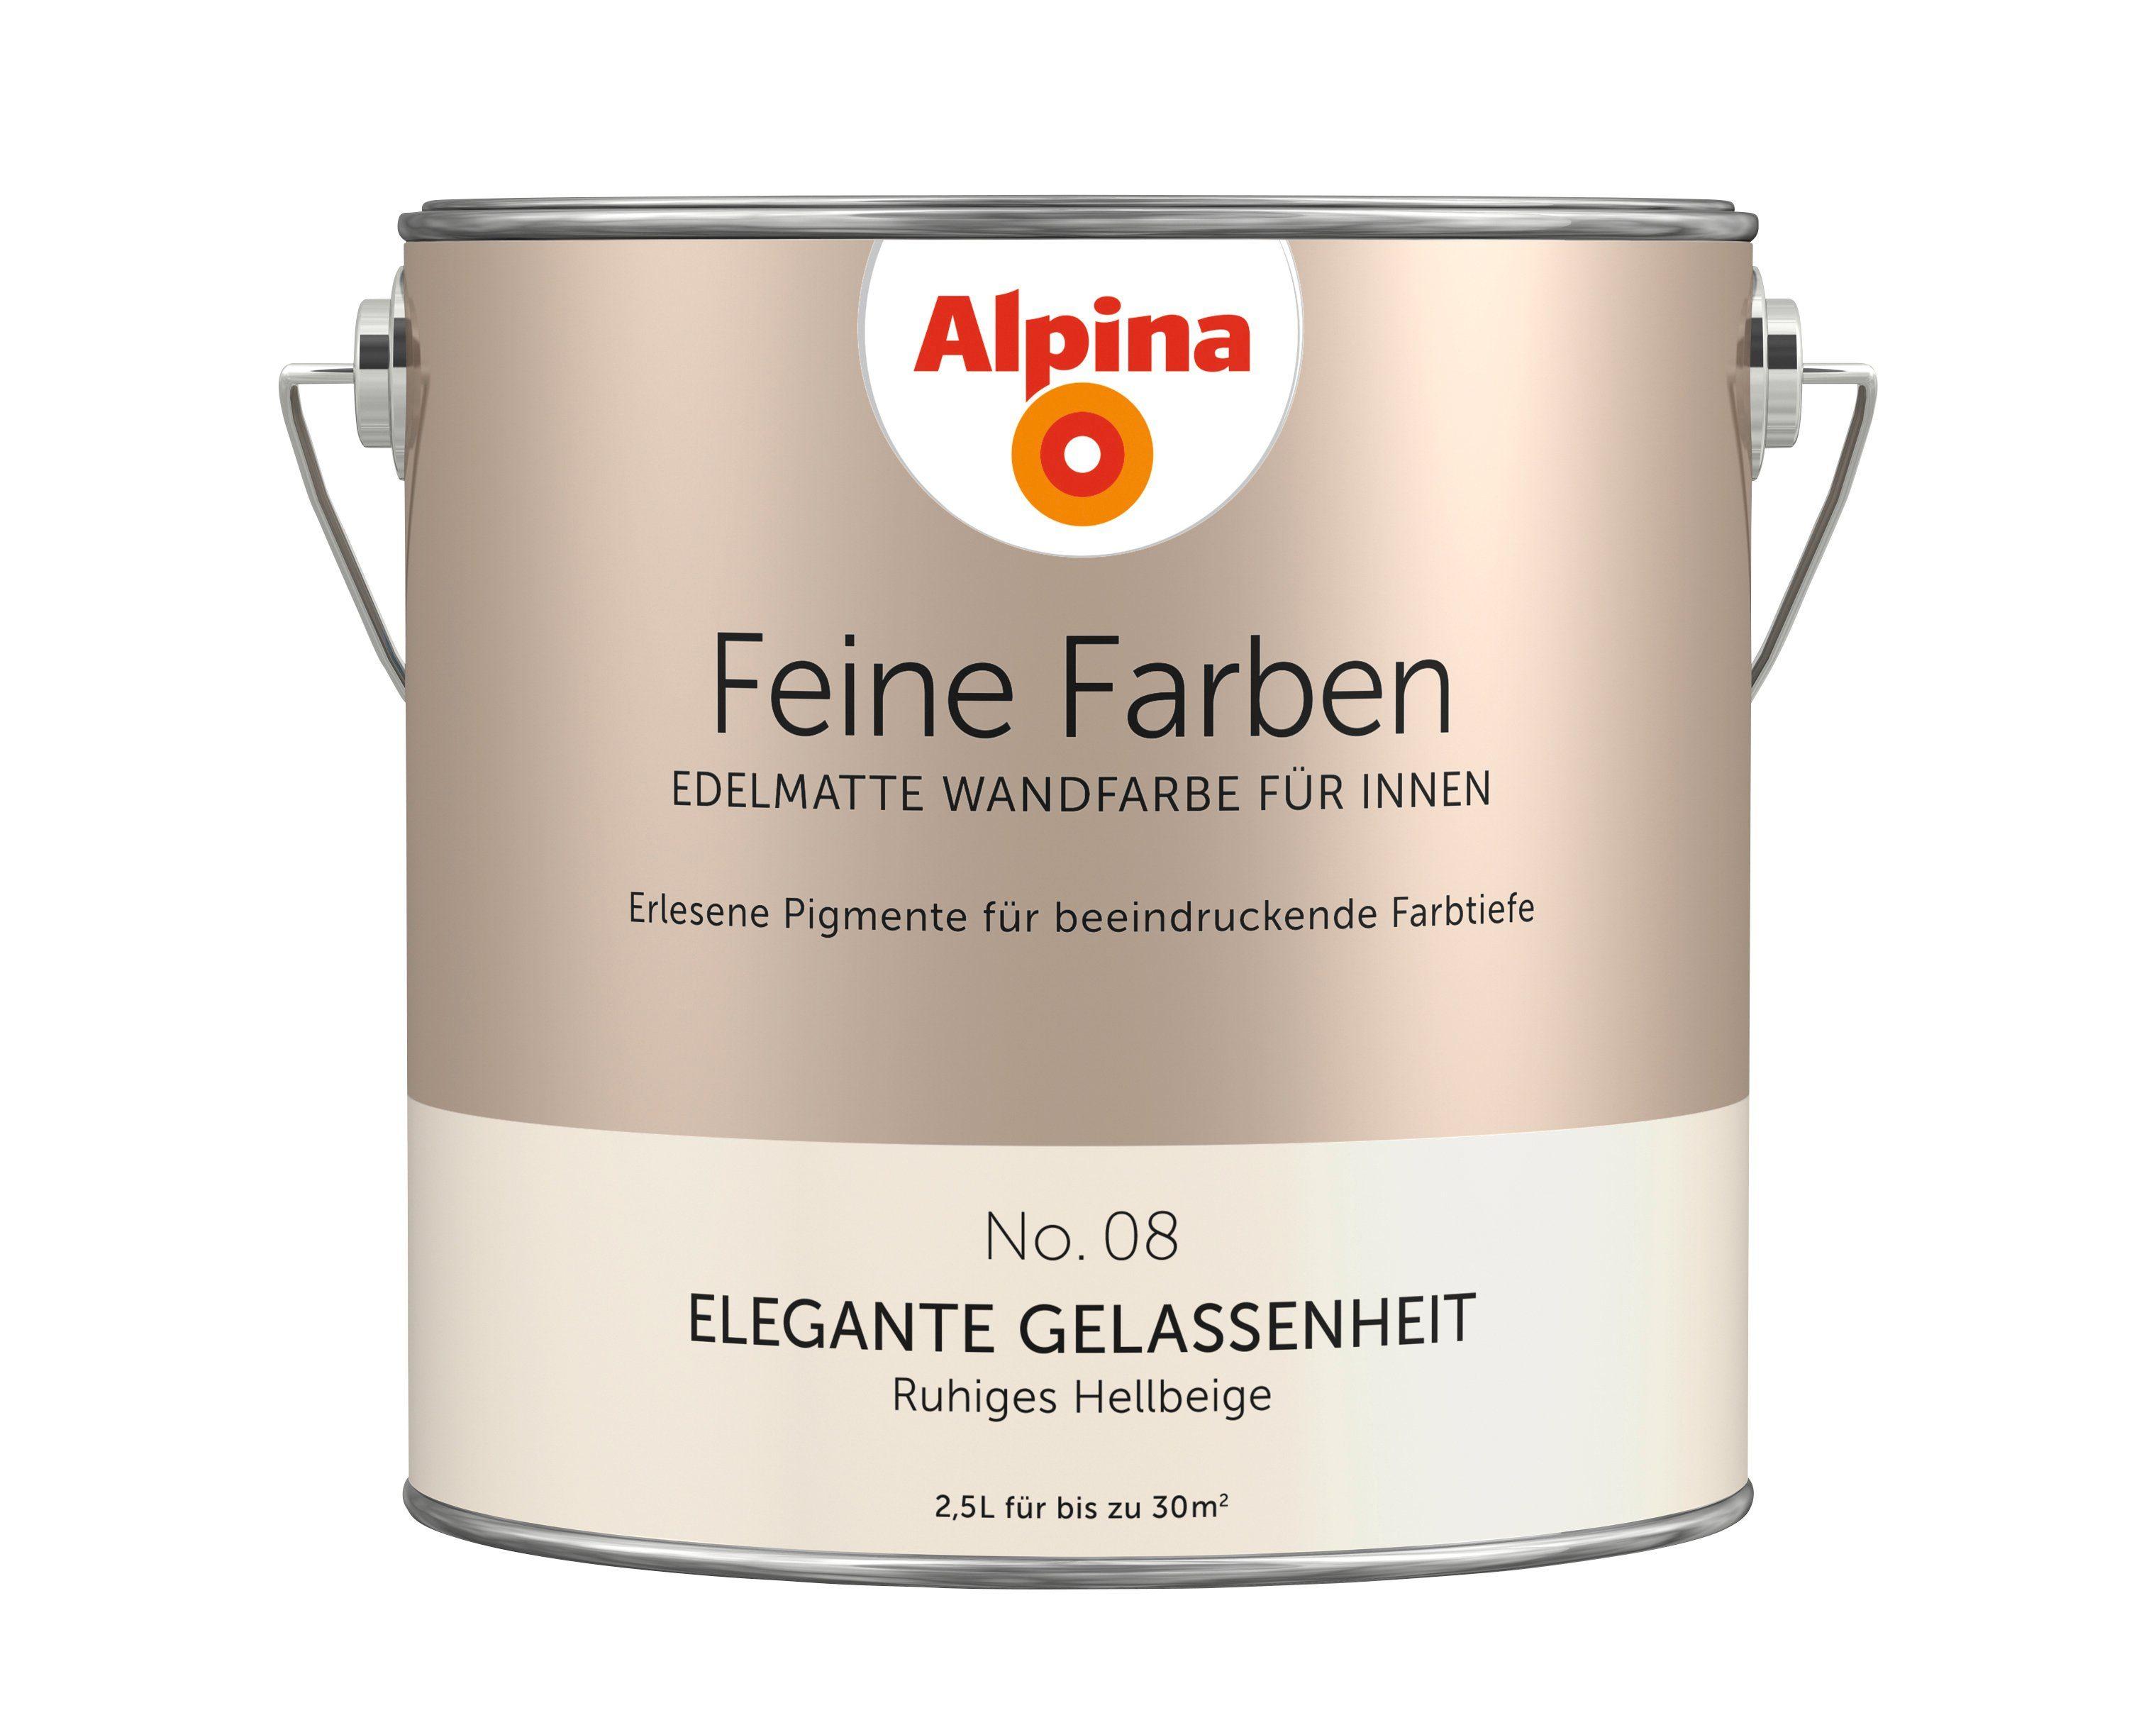 Alpina Feine Farben »Elegante Gelassenheit«